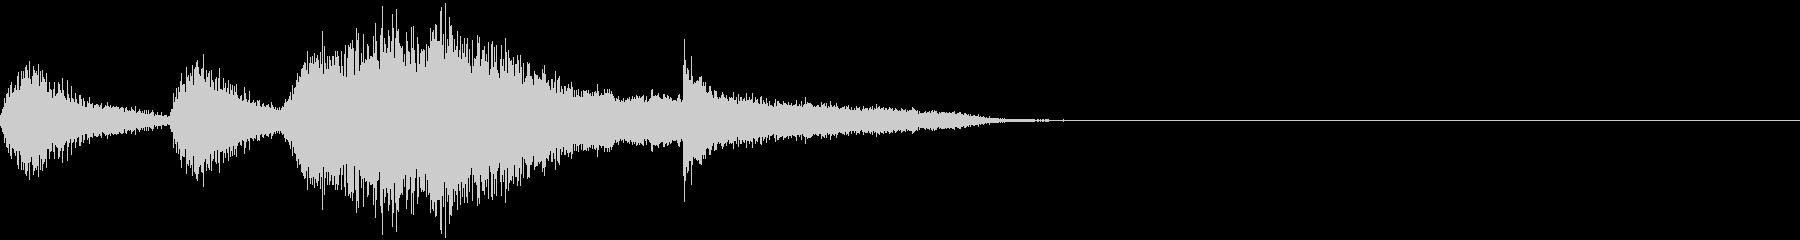 オーケストラによる謎めいたジングルの未再生の波形